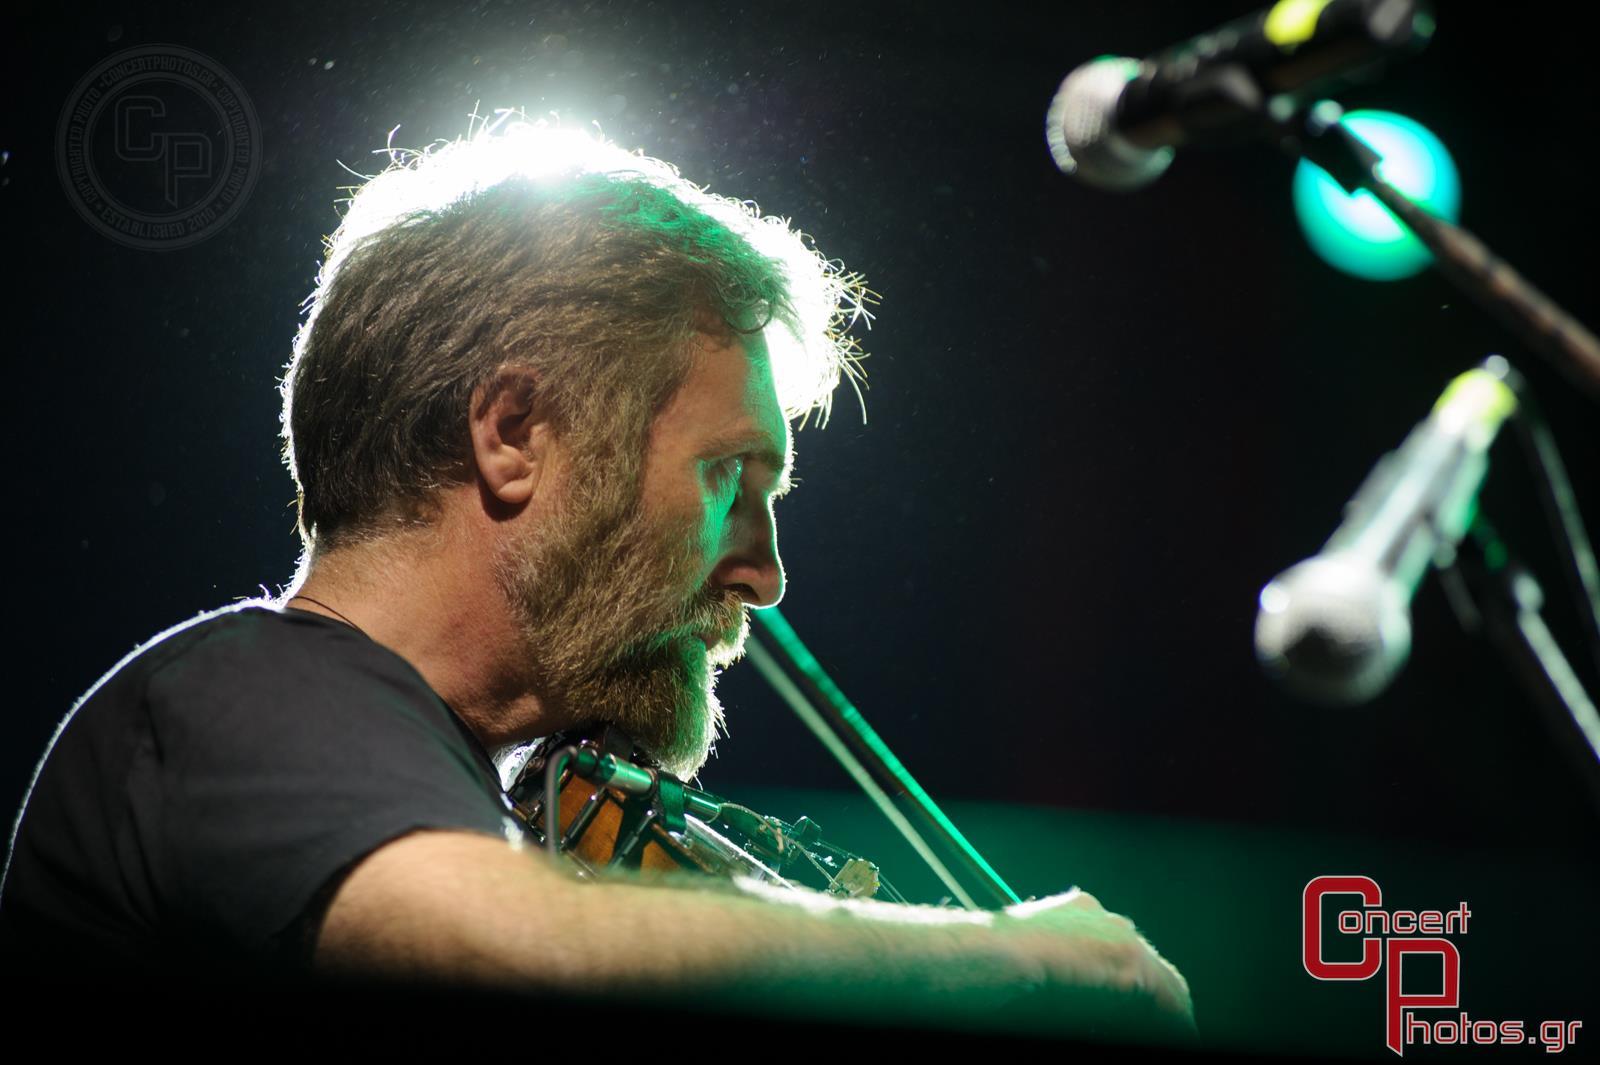 Μία συναυλία για τη Σχεδία 2014-Sxedia 2014 photographer:  - concertphotos_20140526_21_47_43